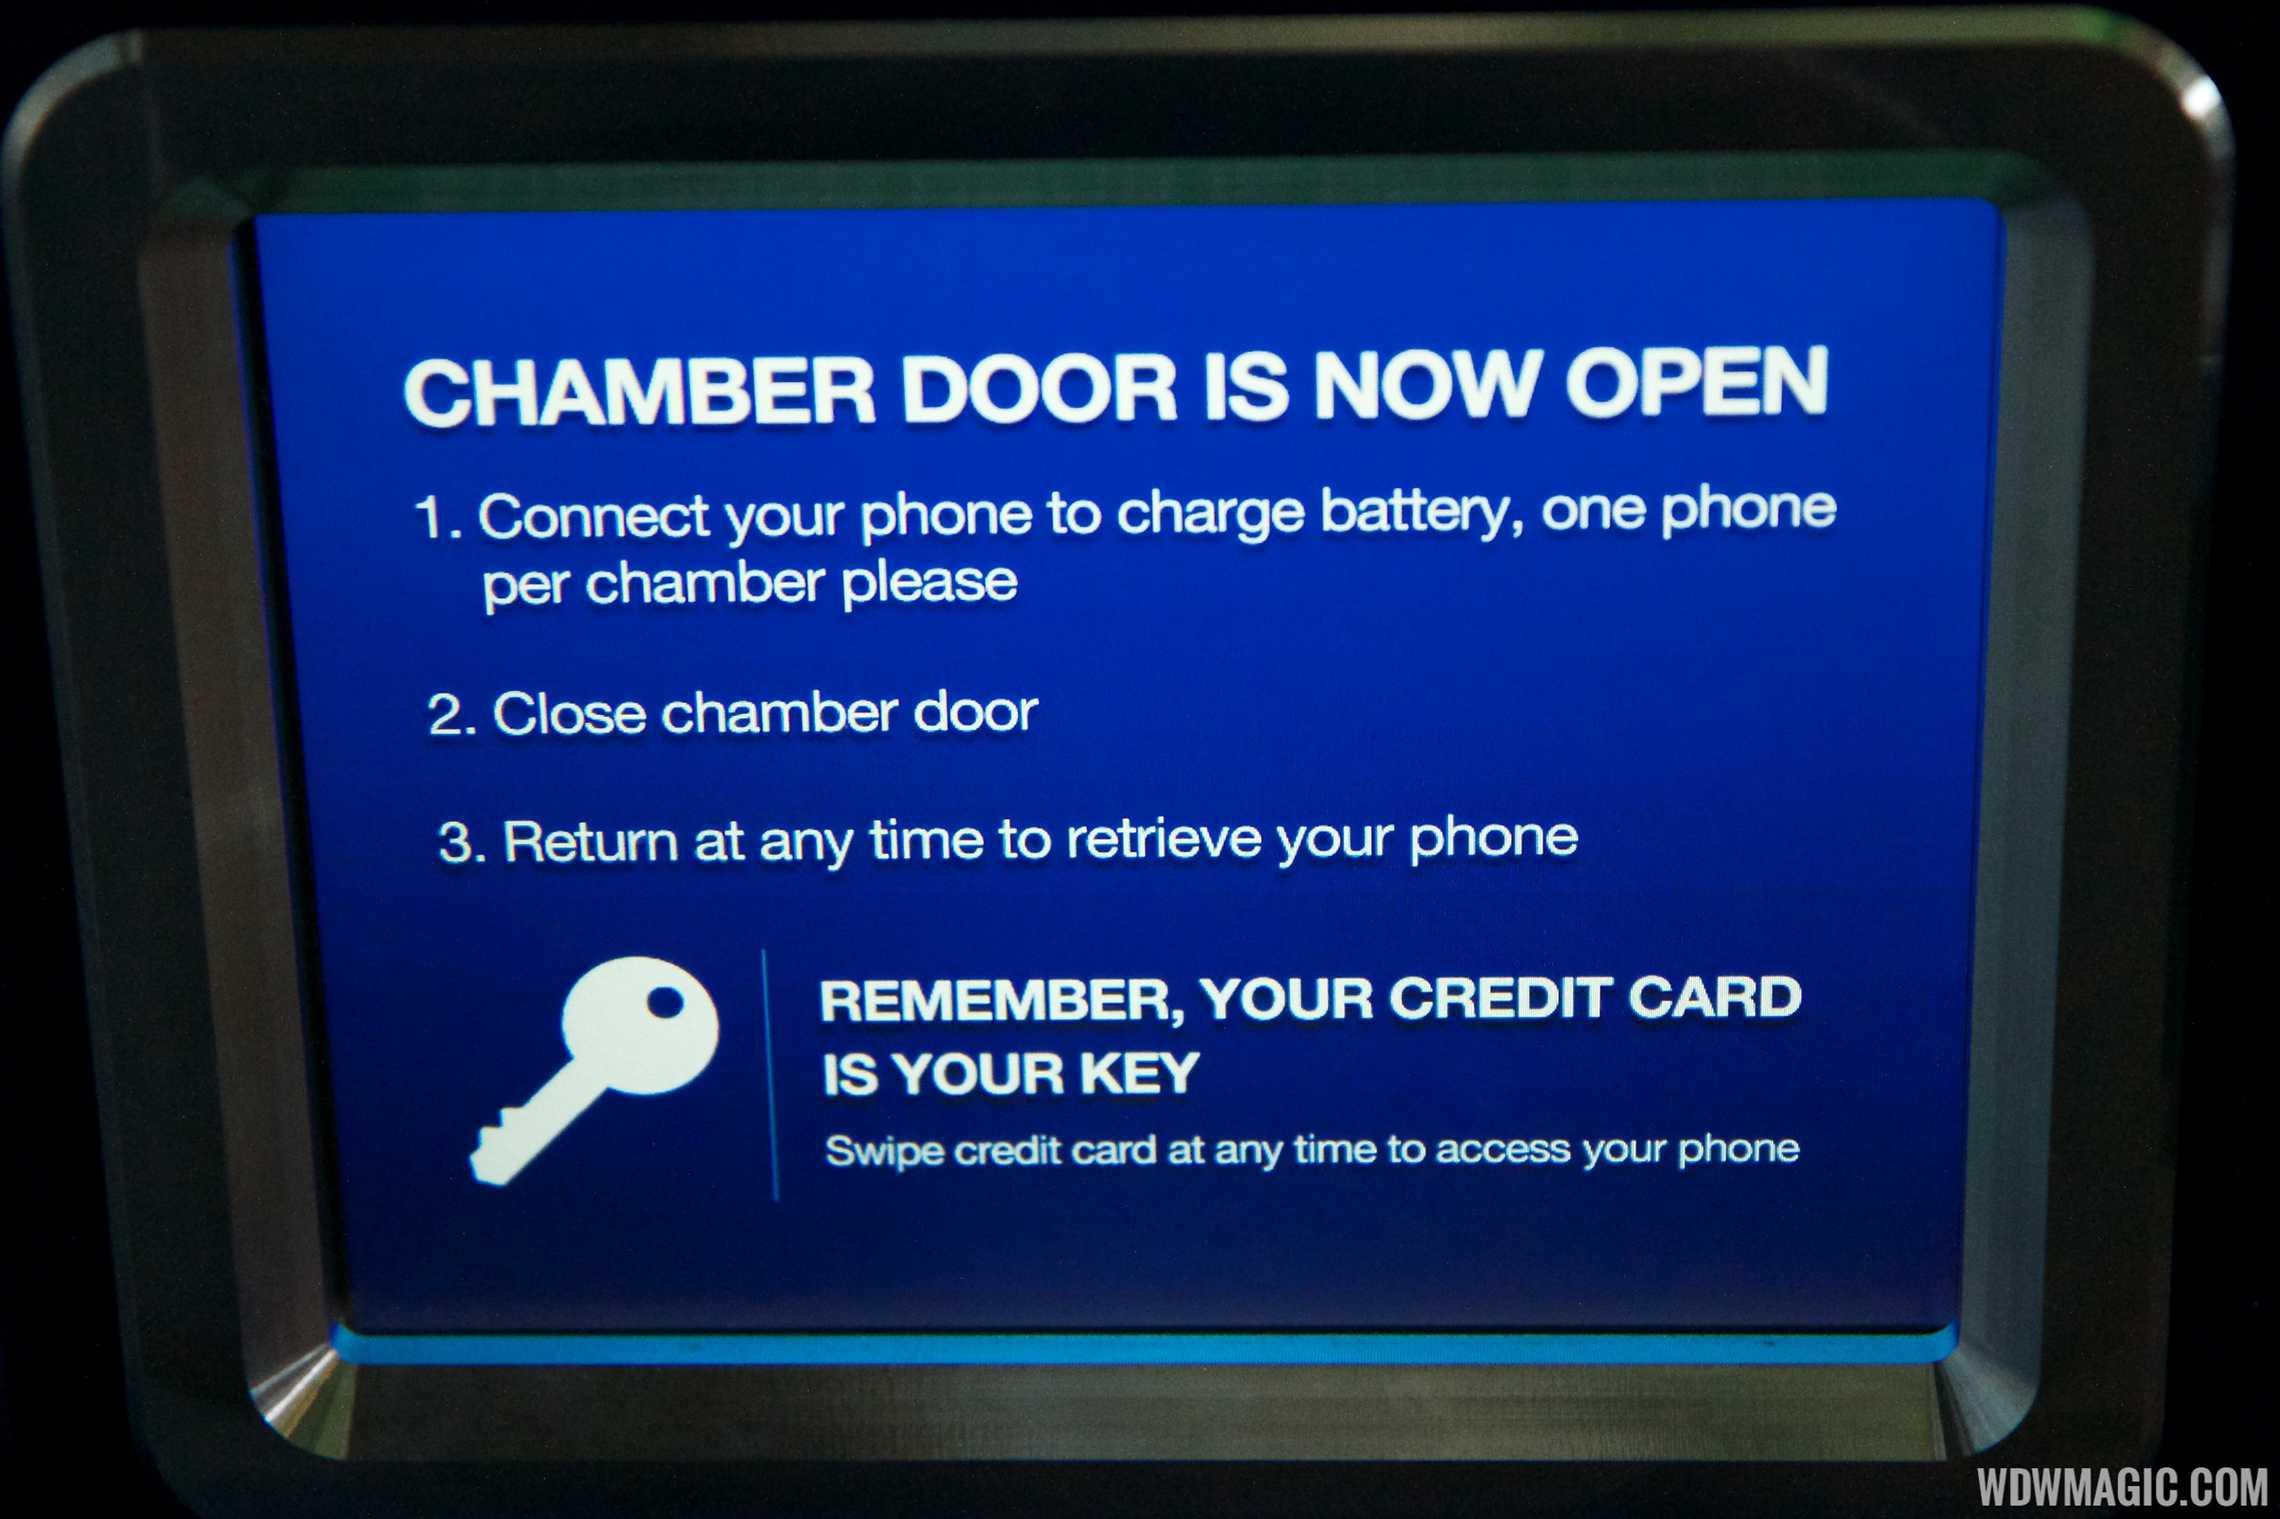 Door opening instructions